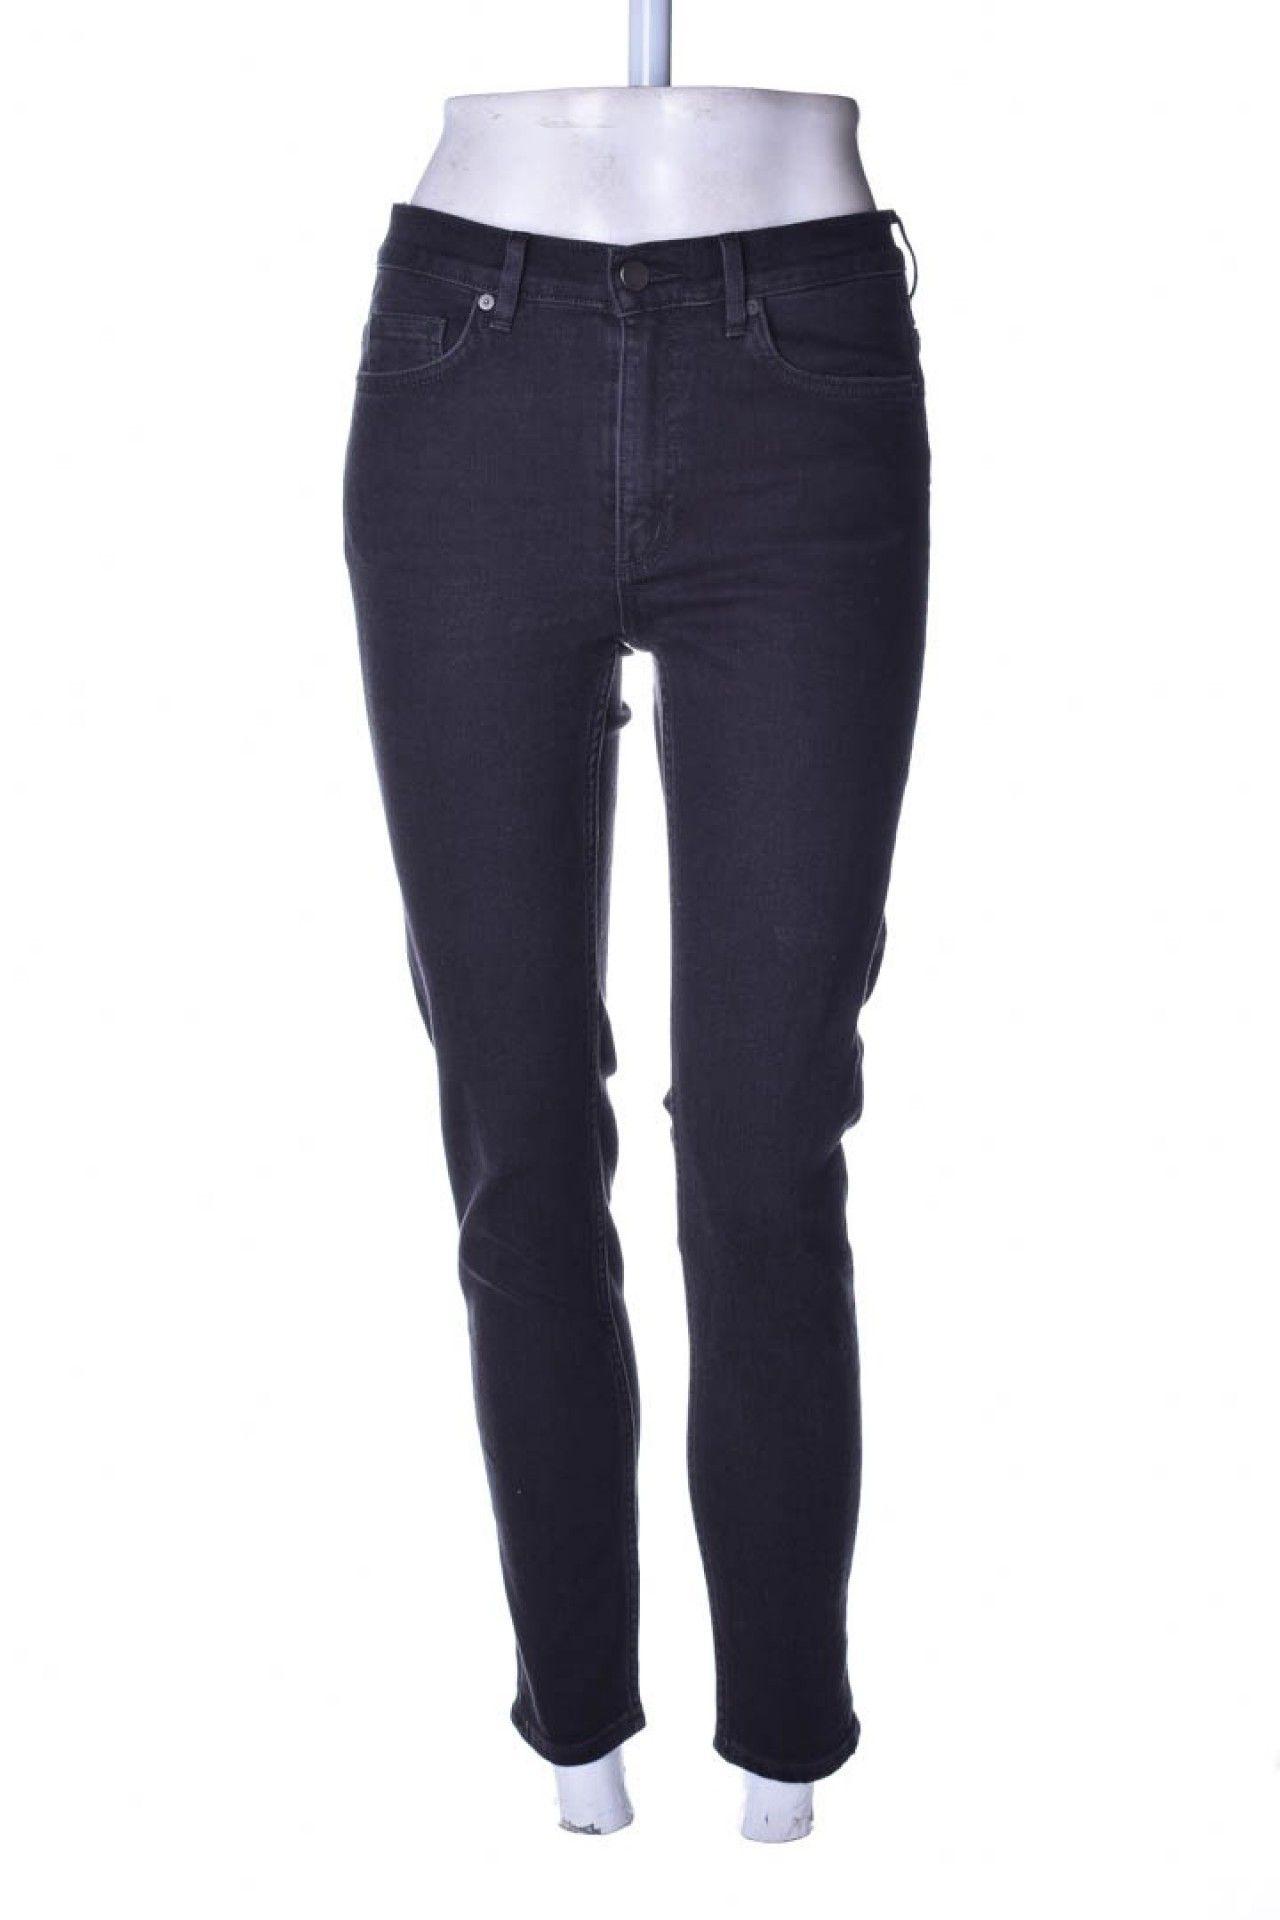 Cos - Calça Jeans Preta  - Foto 1